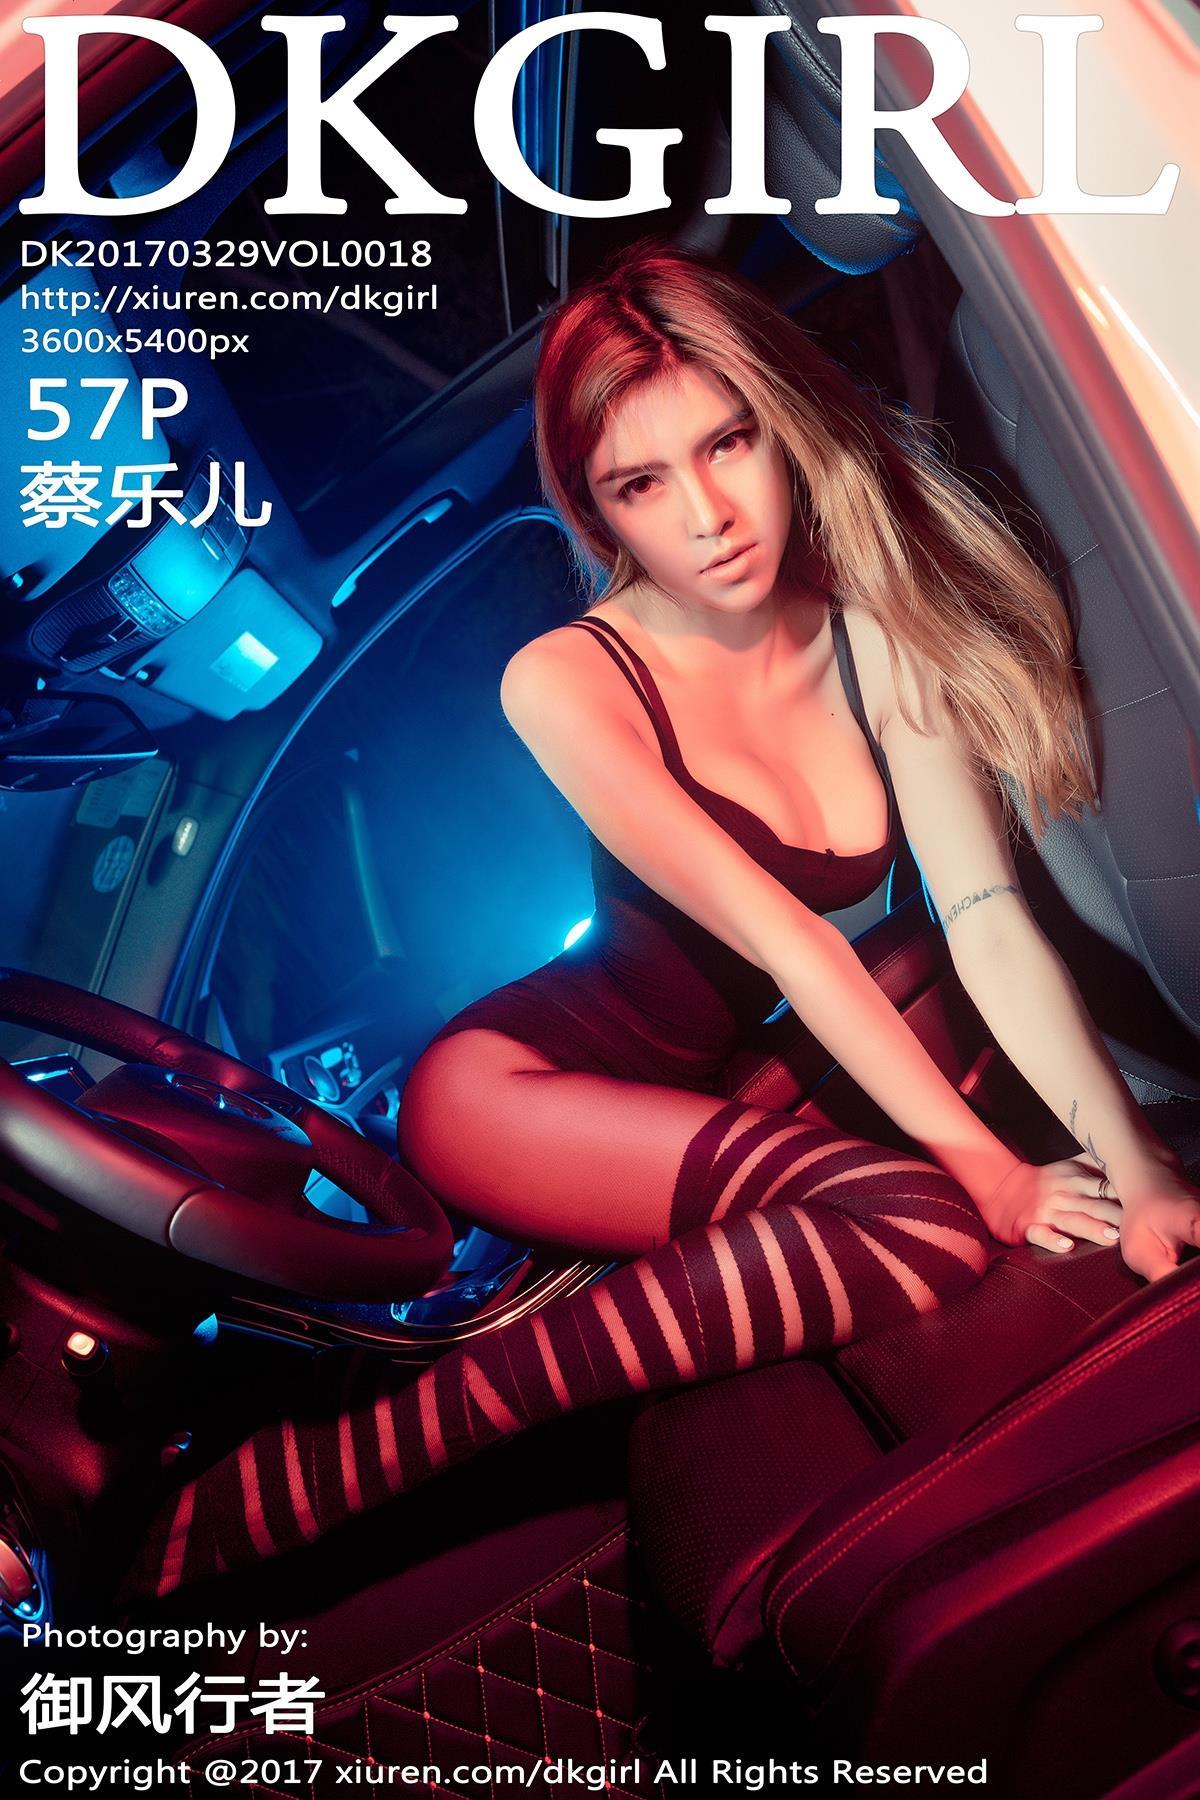 [DKGirl御女郎]DK20170329VOL0018 蔡乐儿 香车美女与性感内衣的极致诱惑私房写真集